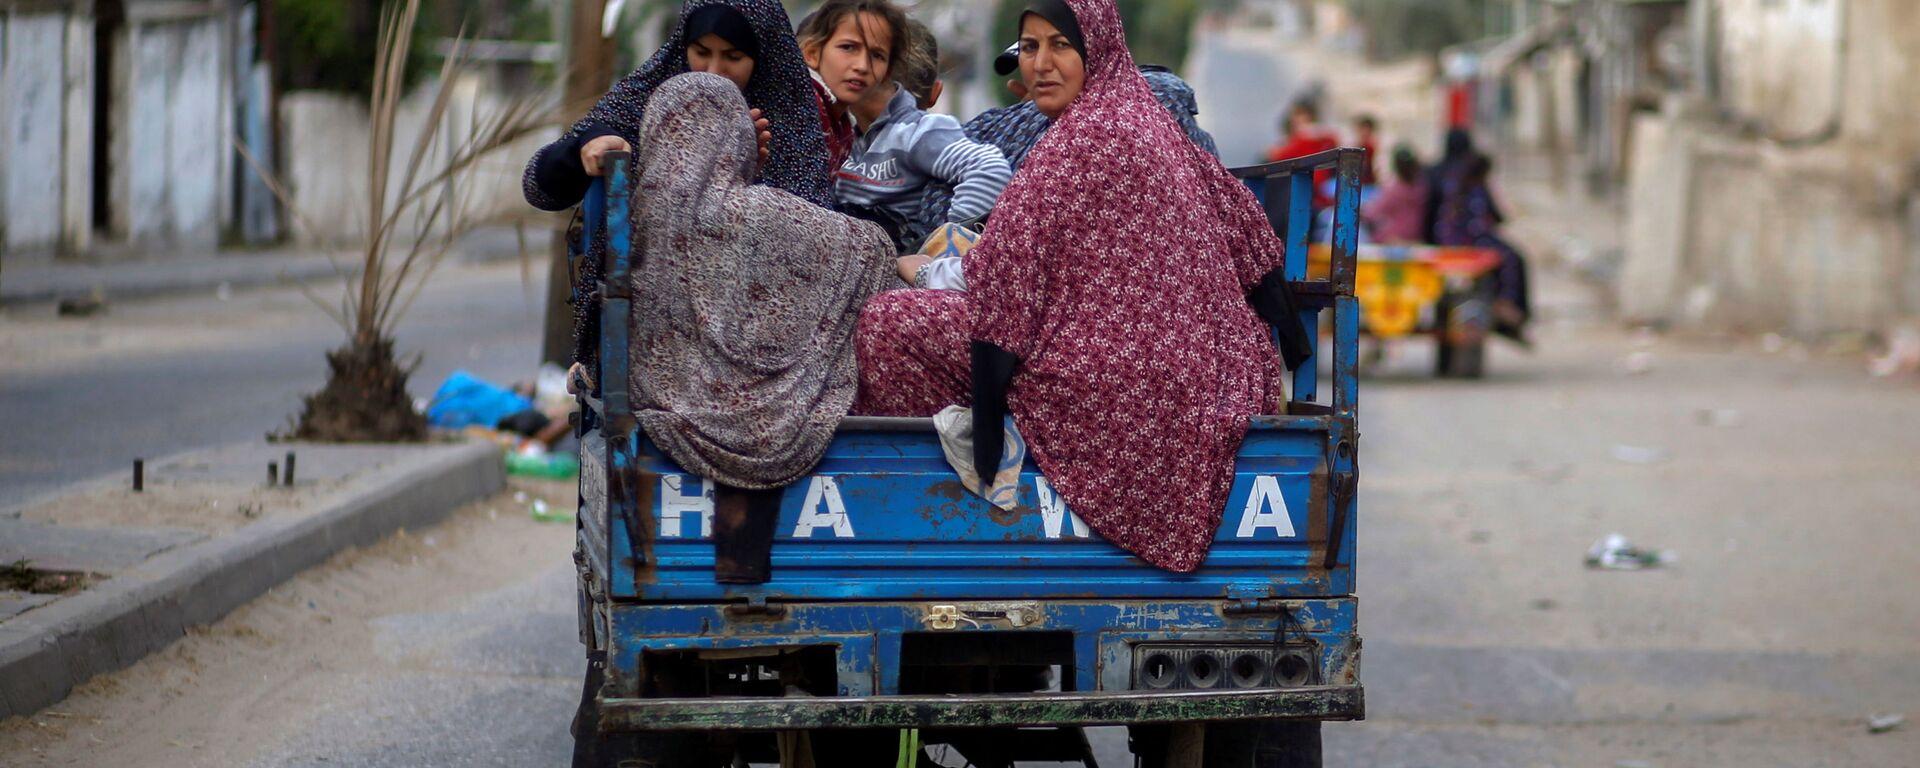 I palestinesi in risciò in fuga dalle loro case a causa degli attacchi aerei israeliani nella Striscia di Gaza, 14 maggio 2021 - Sputnik Italia, 1920, 16.05.2021